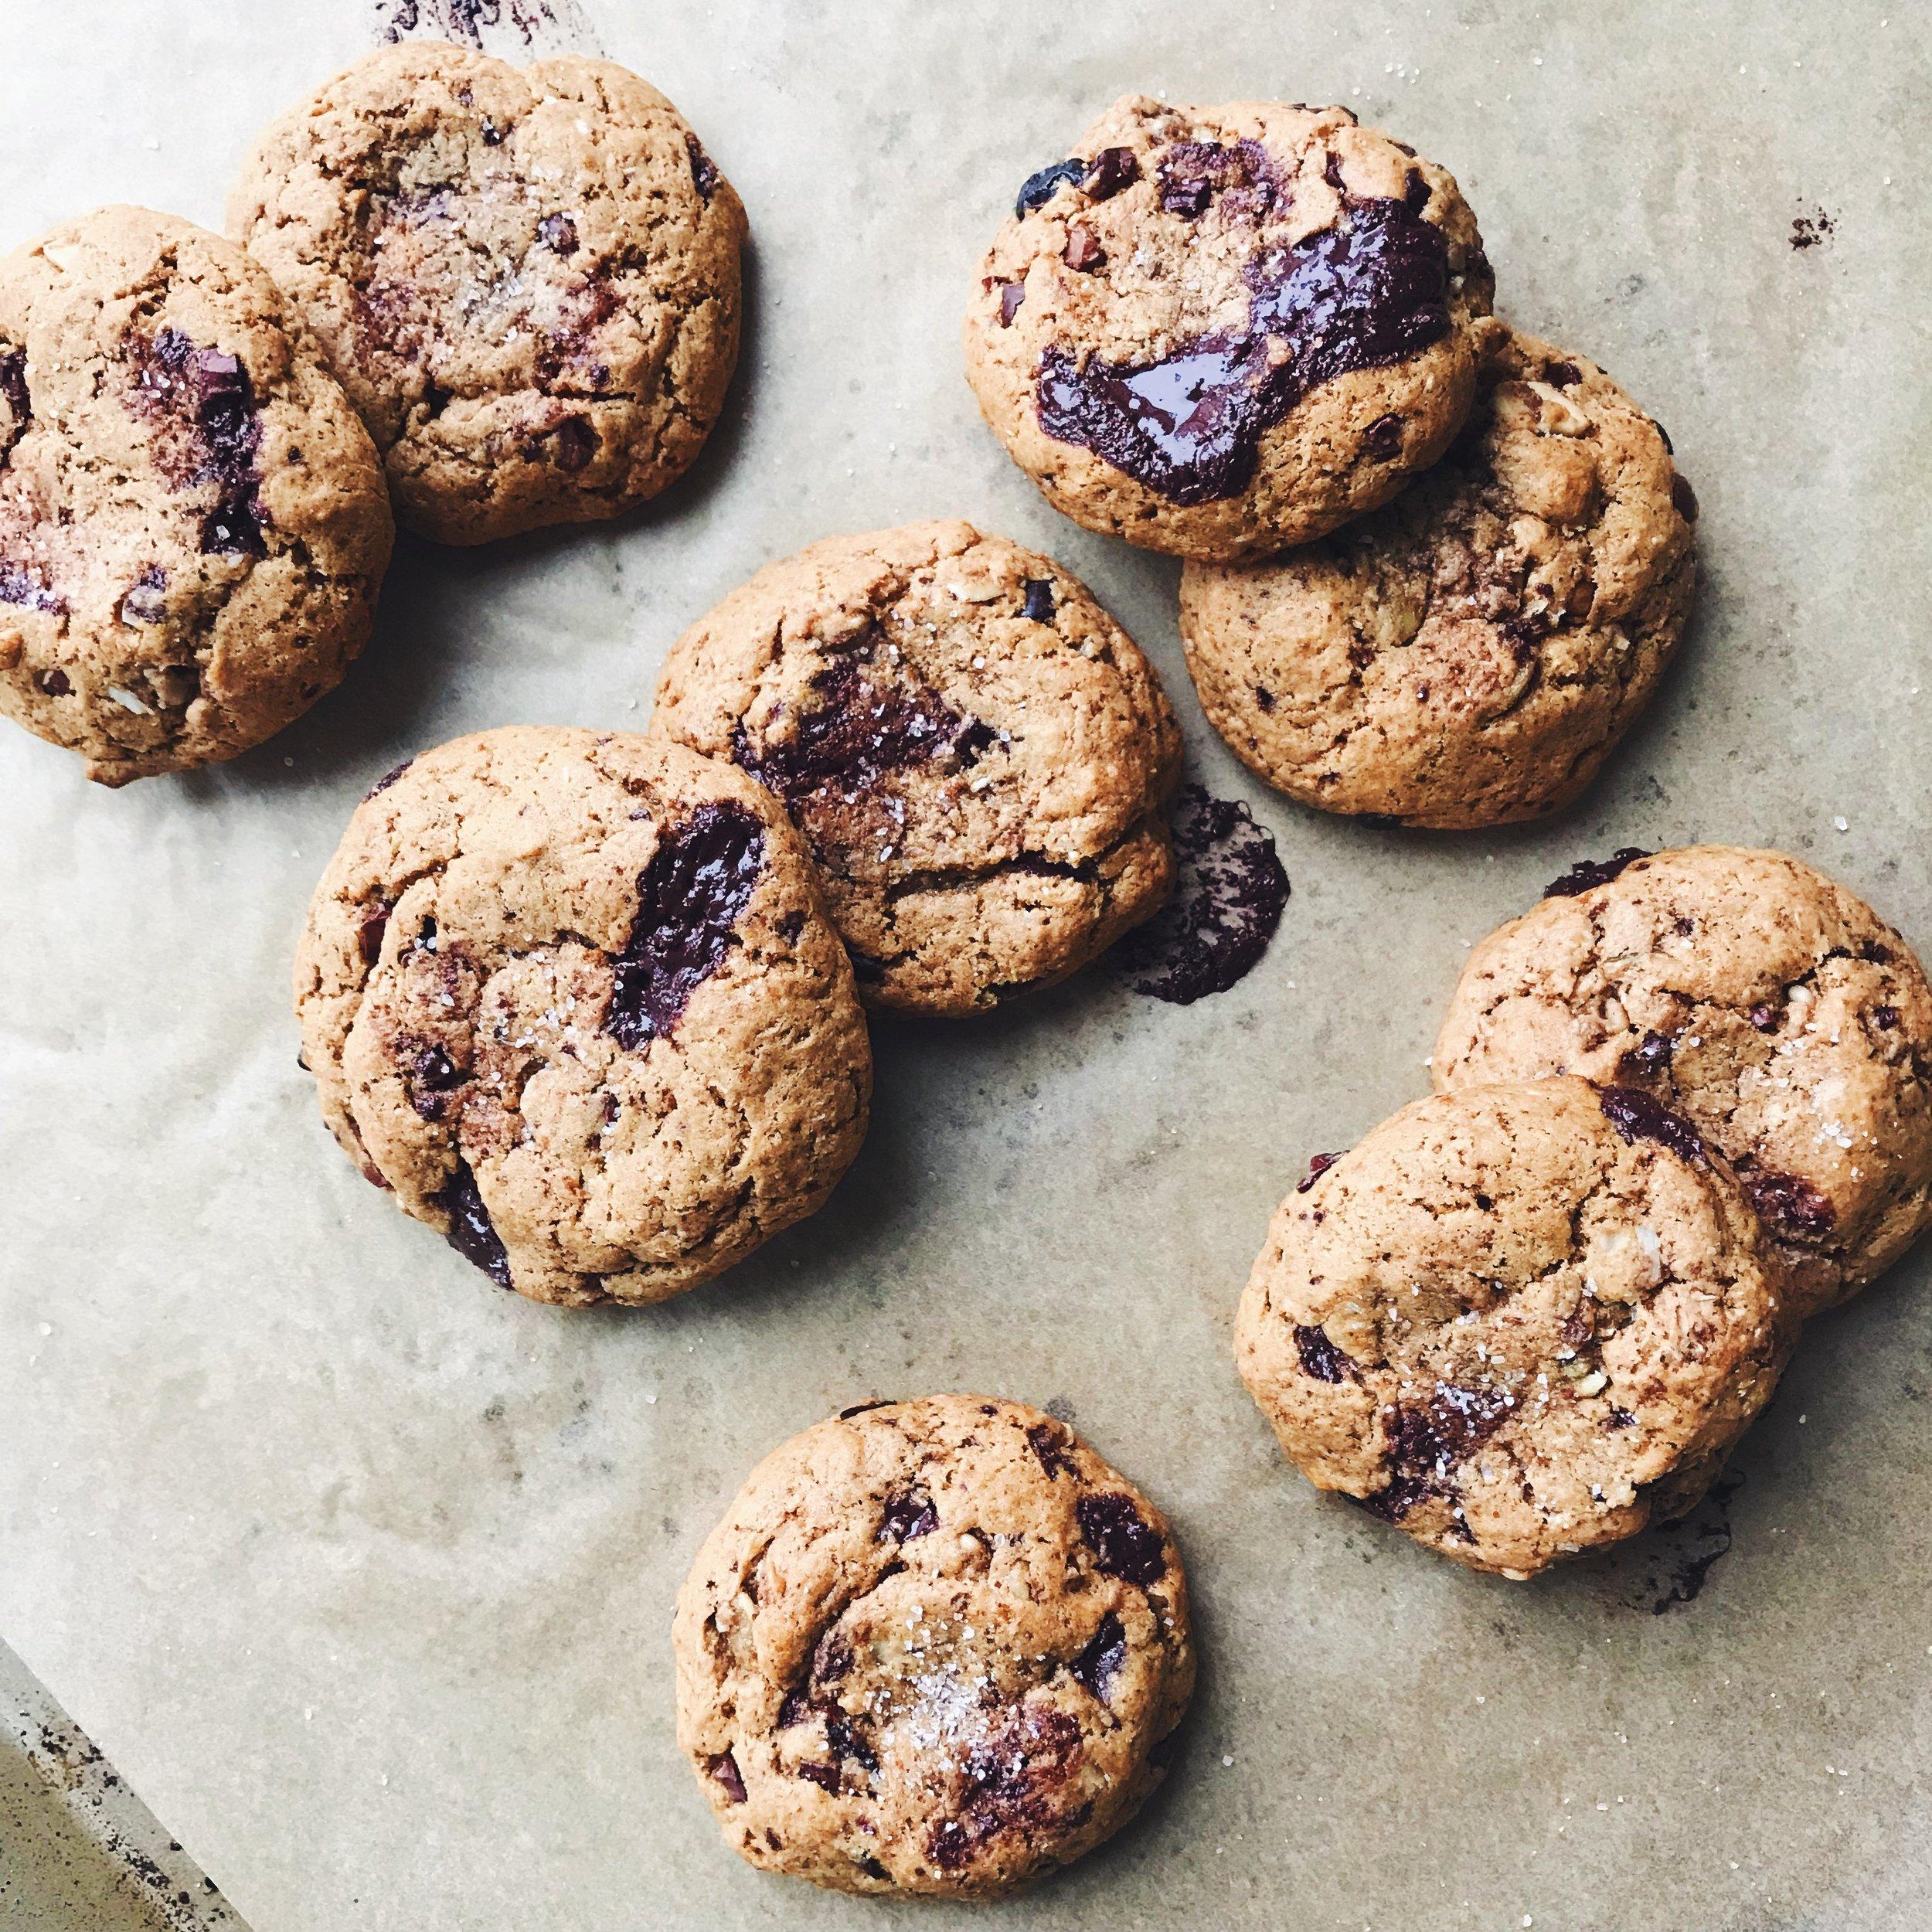 vitalproteins_compostcookies5.JPG